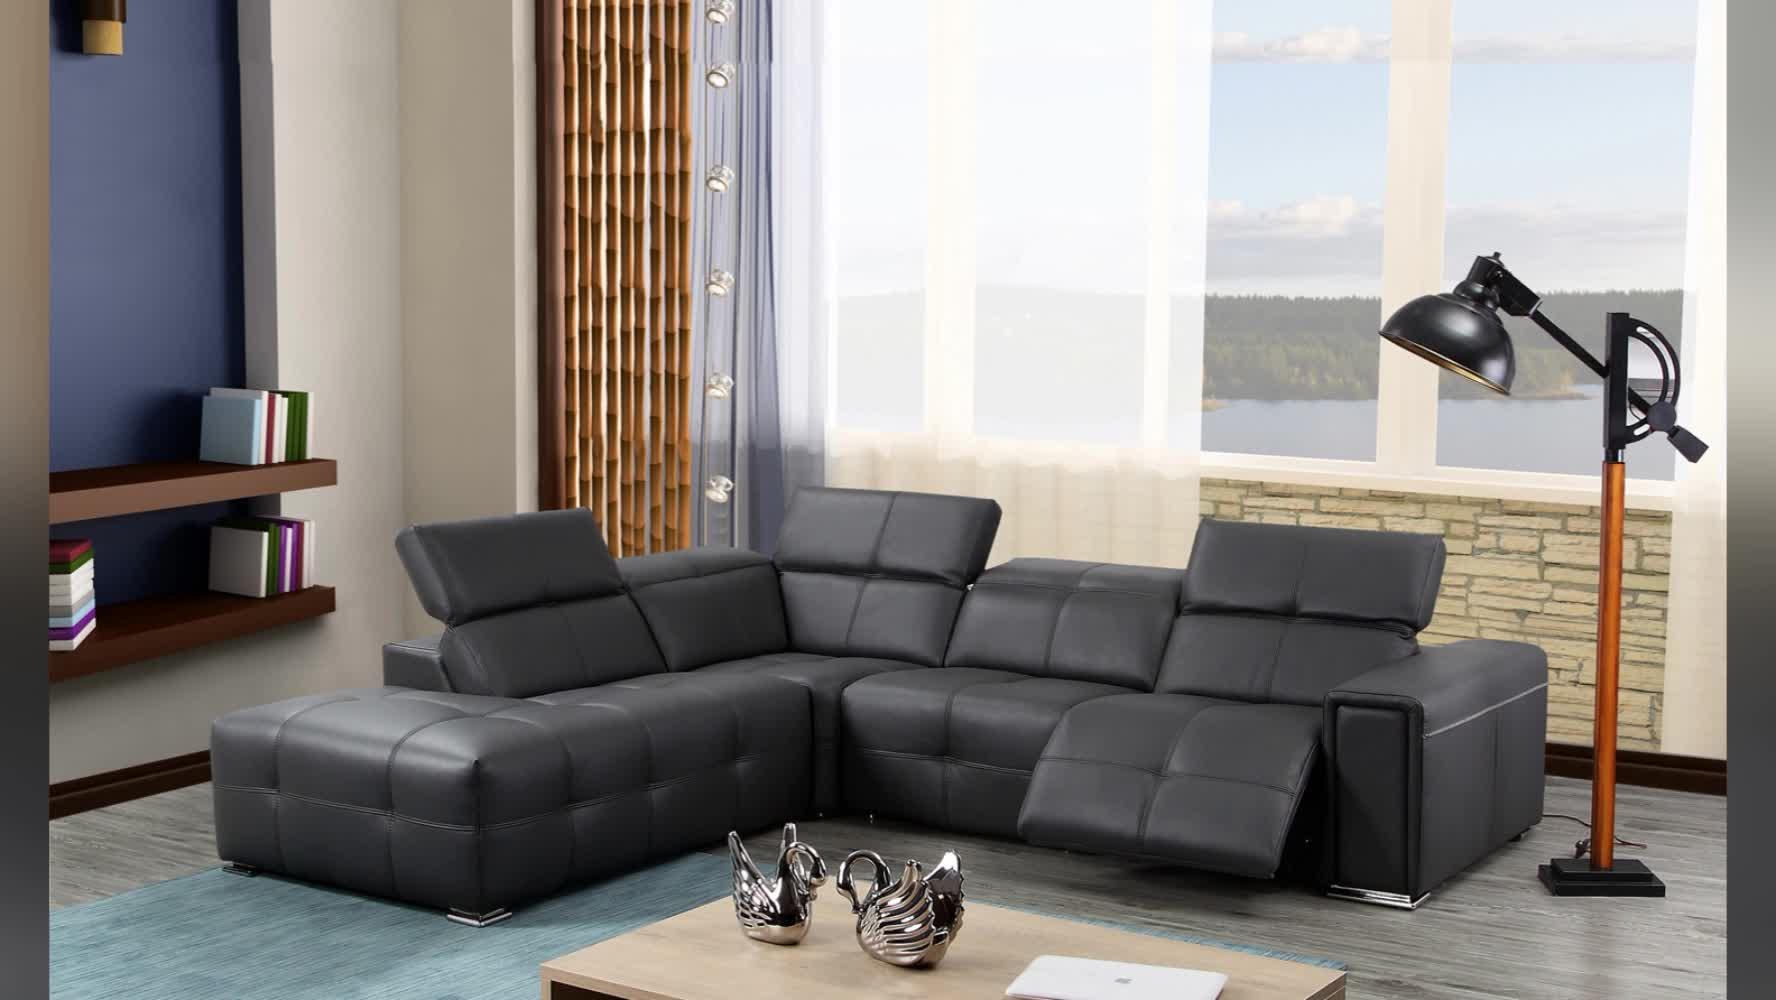 Mebel Italia Grosir Sofa Berbaring Sudut Bentuk L Bagian Modern